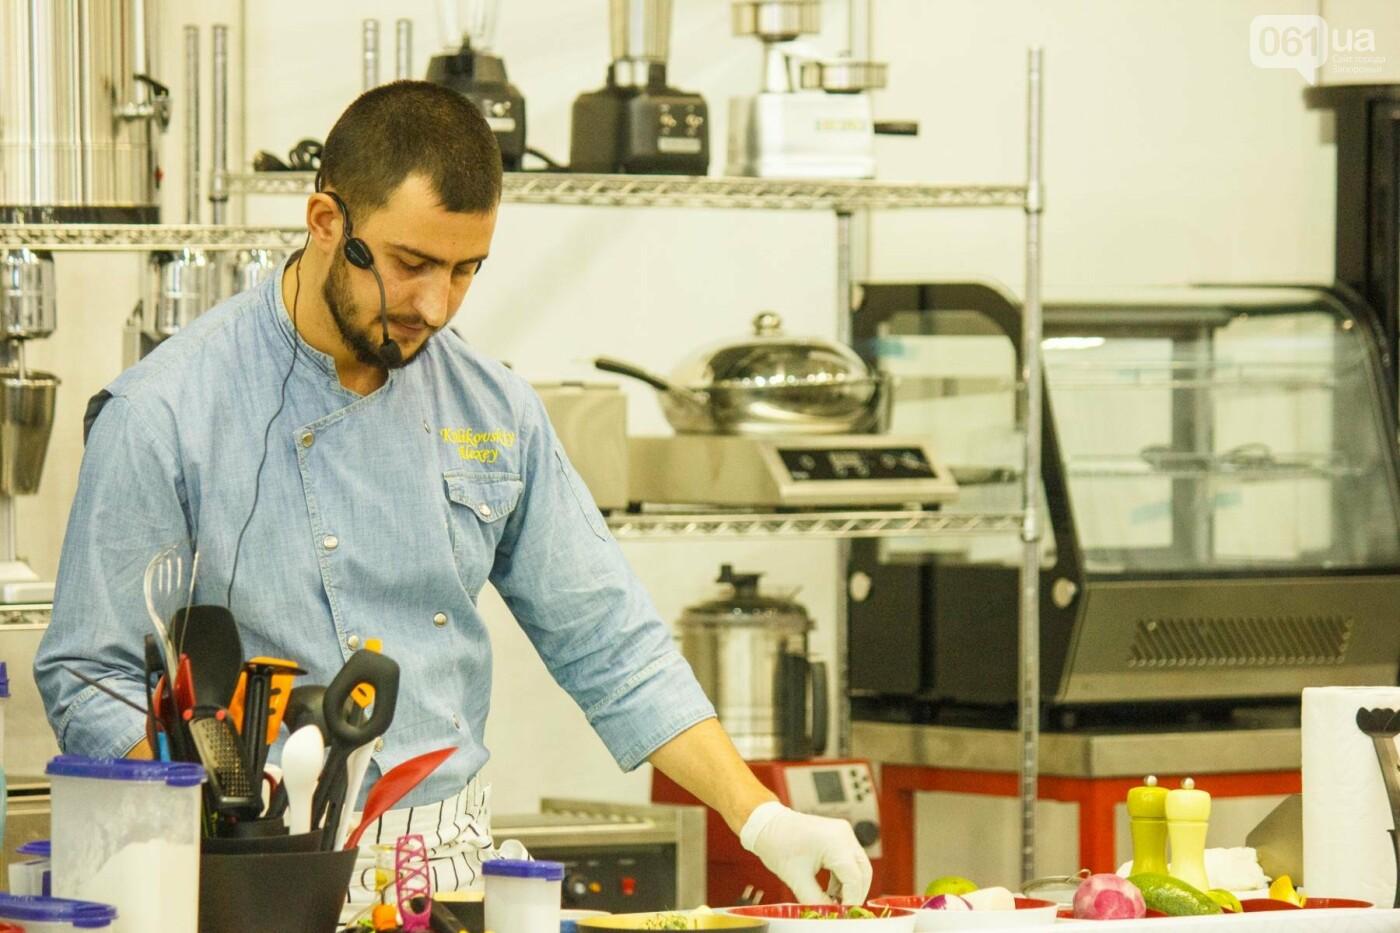 Шеф-повара запорожских ресторанов провели мастер-класс для горожан: как это было, - ФОТОРЕПОРТАЖ, фото-60